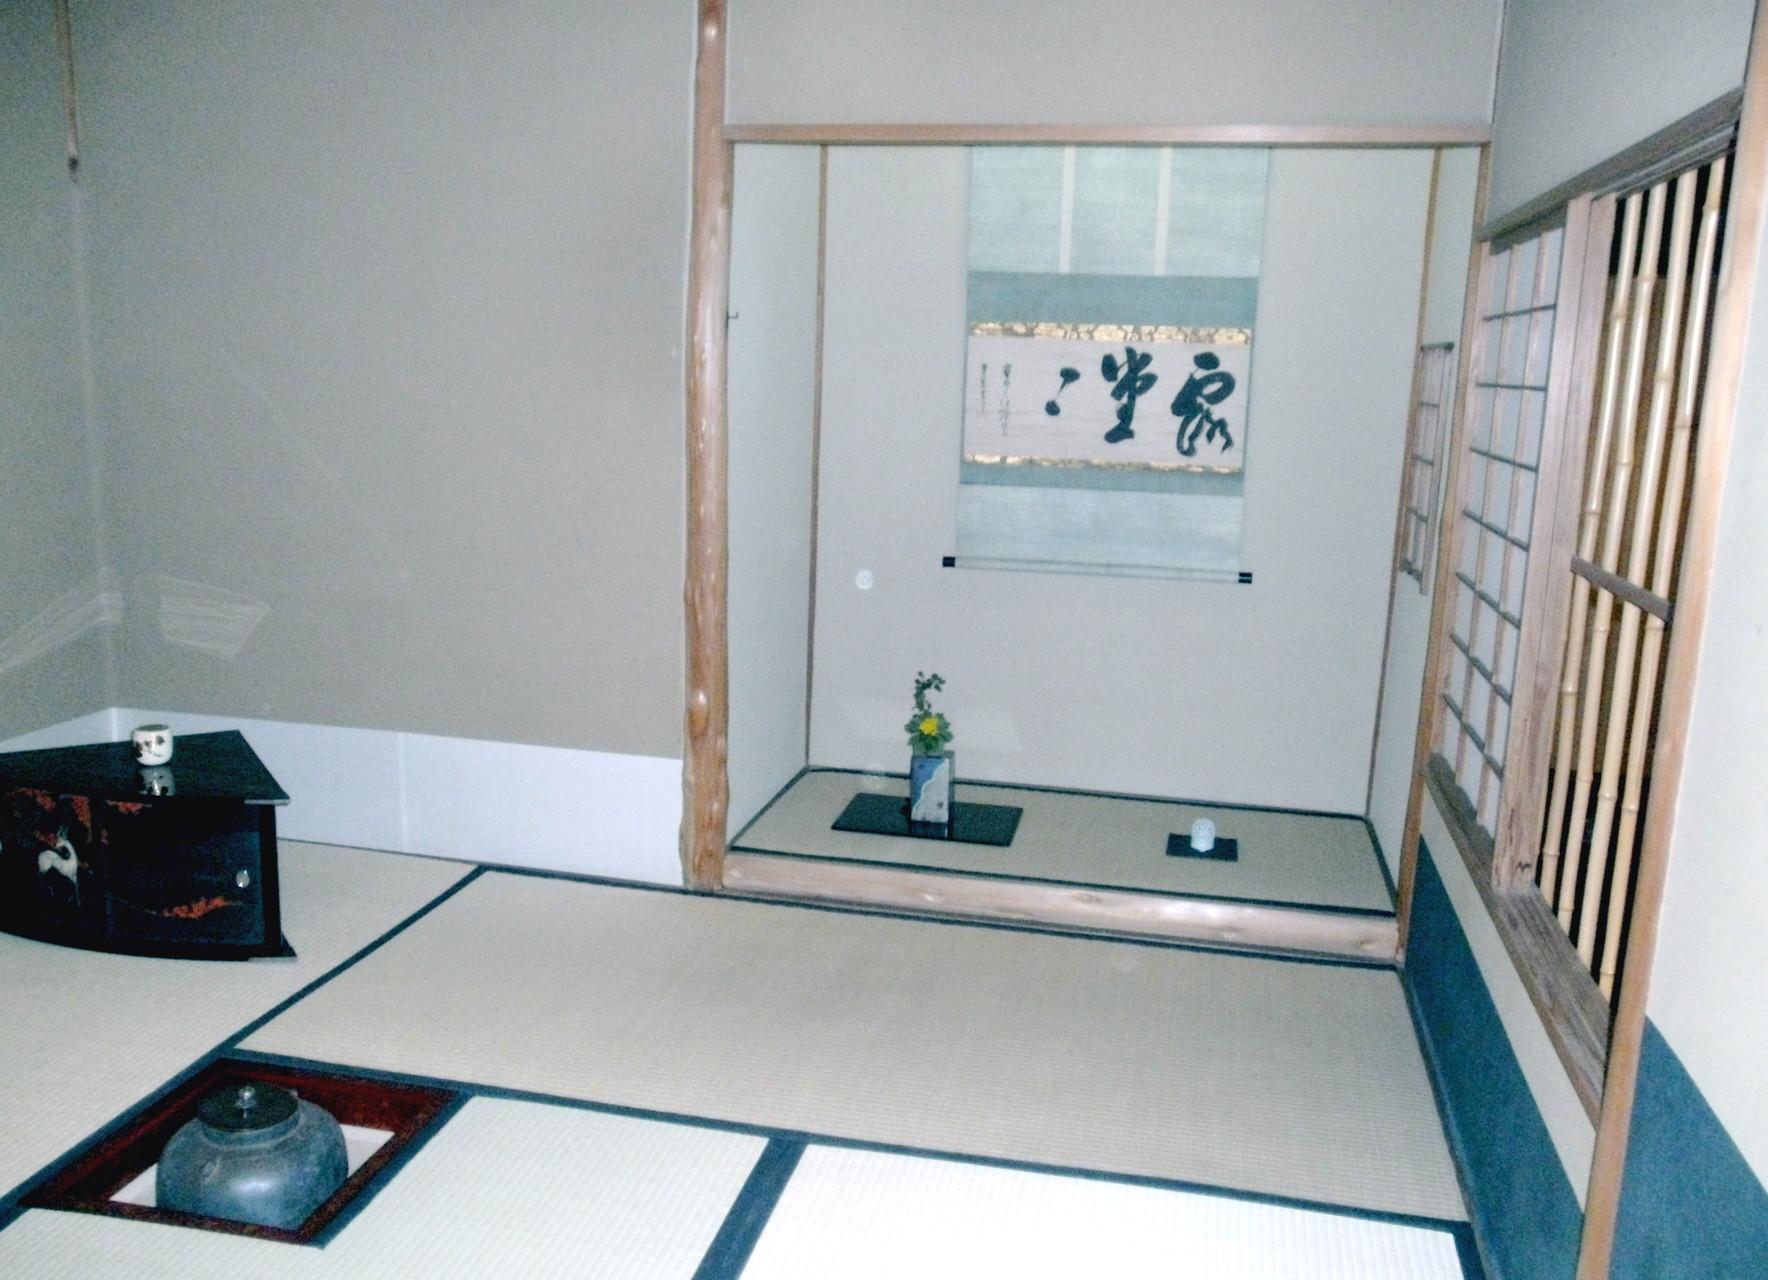 ホテルオークラ東京茶室聴松庵本席 棚 扇秋棚